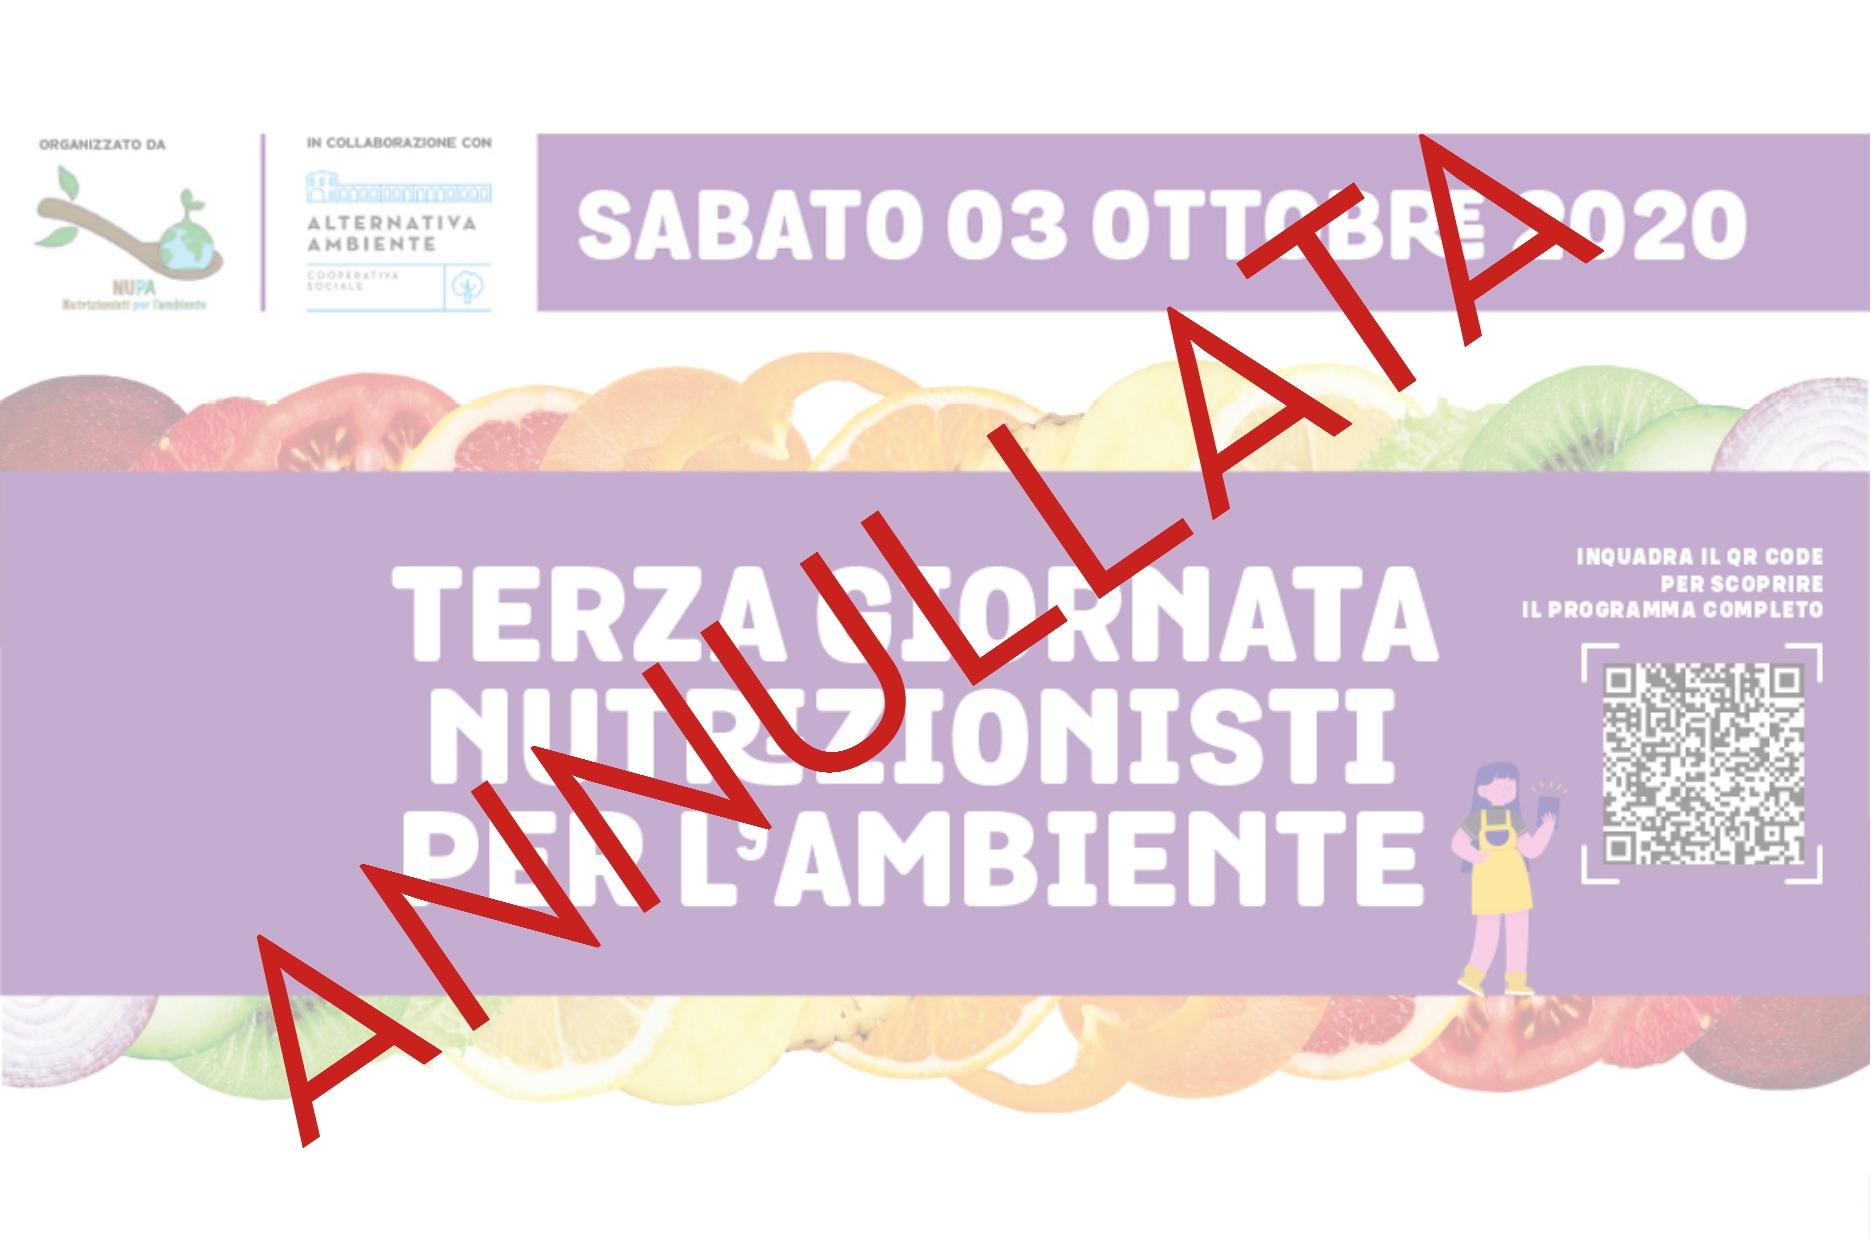 TERZA GIORNATA DEI NUTRIZIONISTI PER L'AMBIENTE